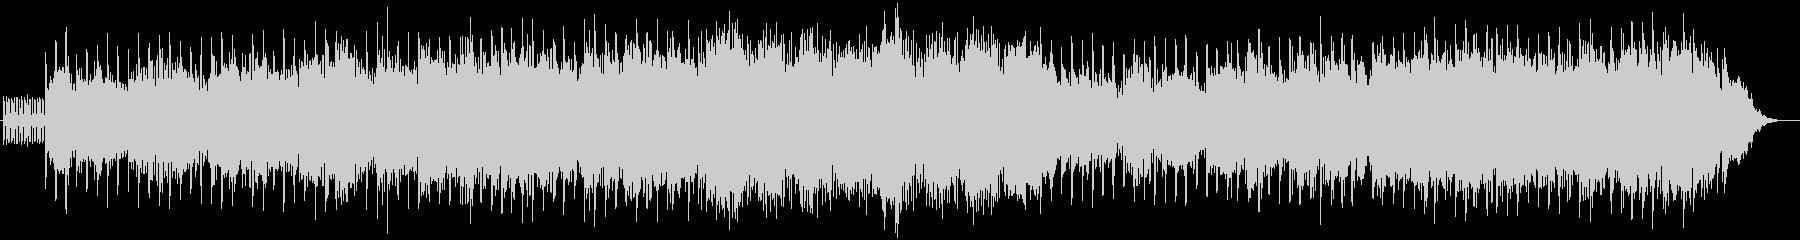 優しく包み込むようなシンセ系ボイス曲の未再生の波形